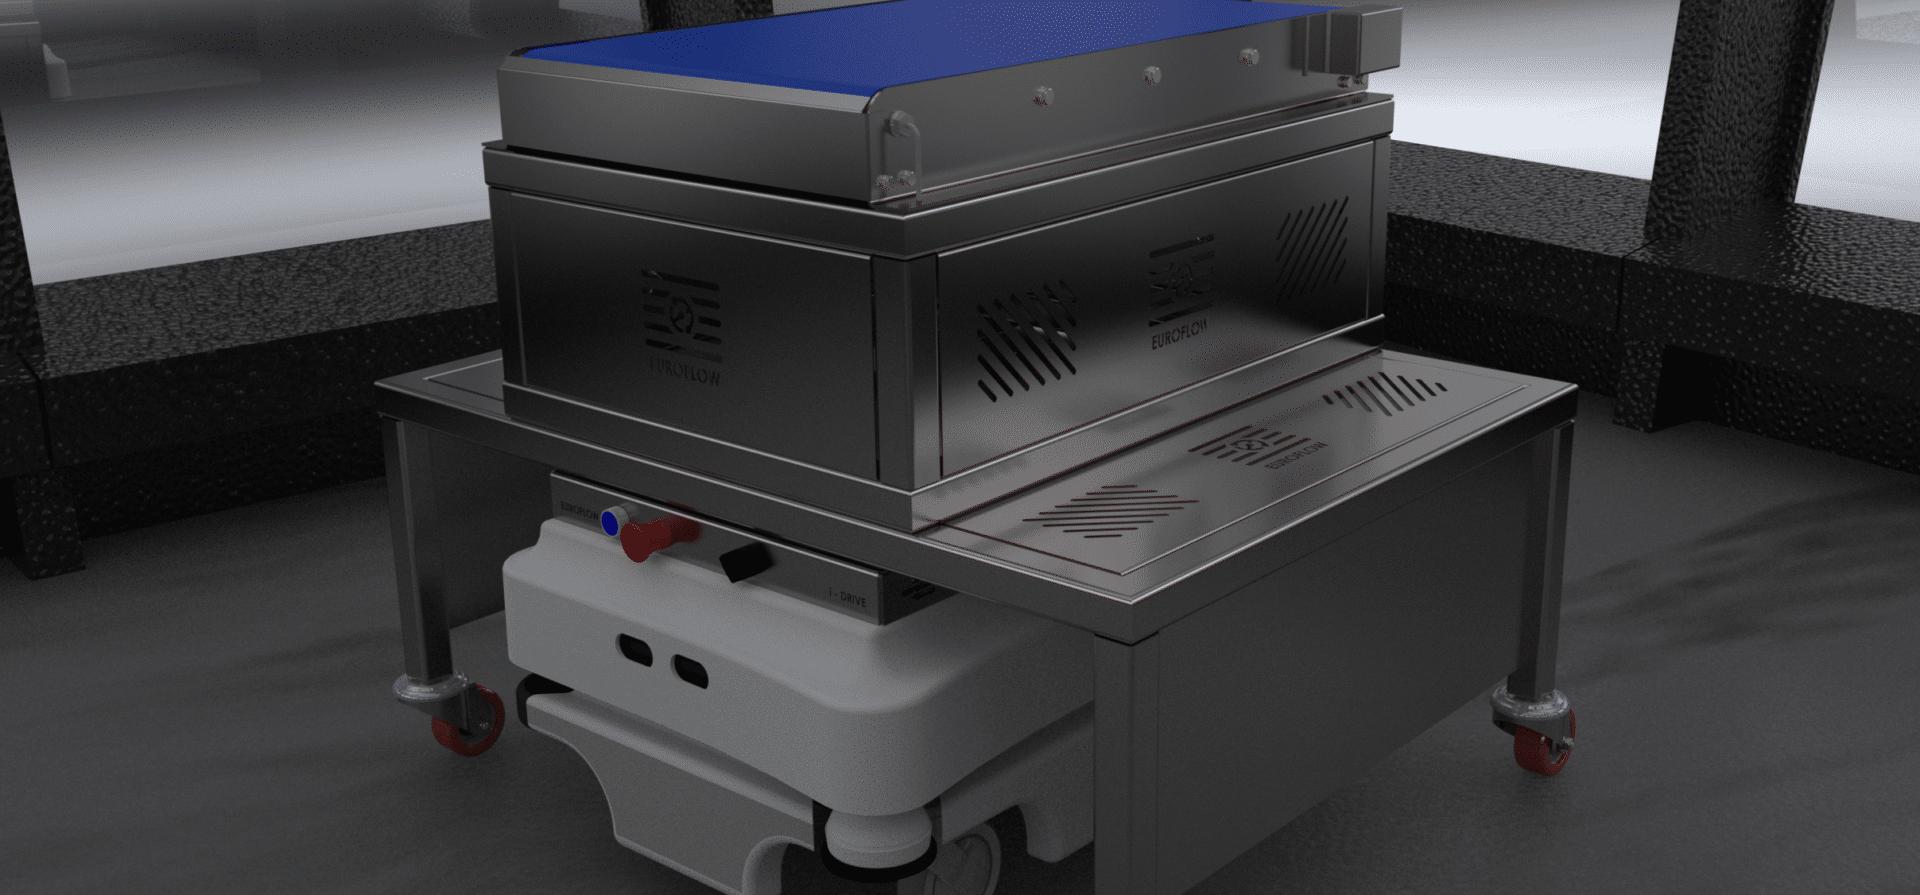 Mobile Industrial Robots Convey - Warehouse Automation | Euroflow Automation Ltd